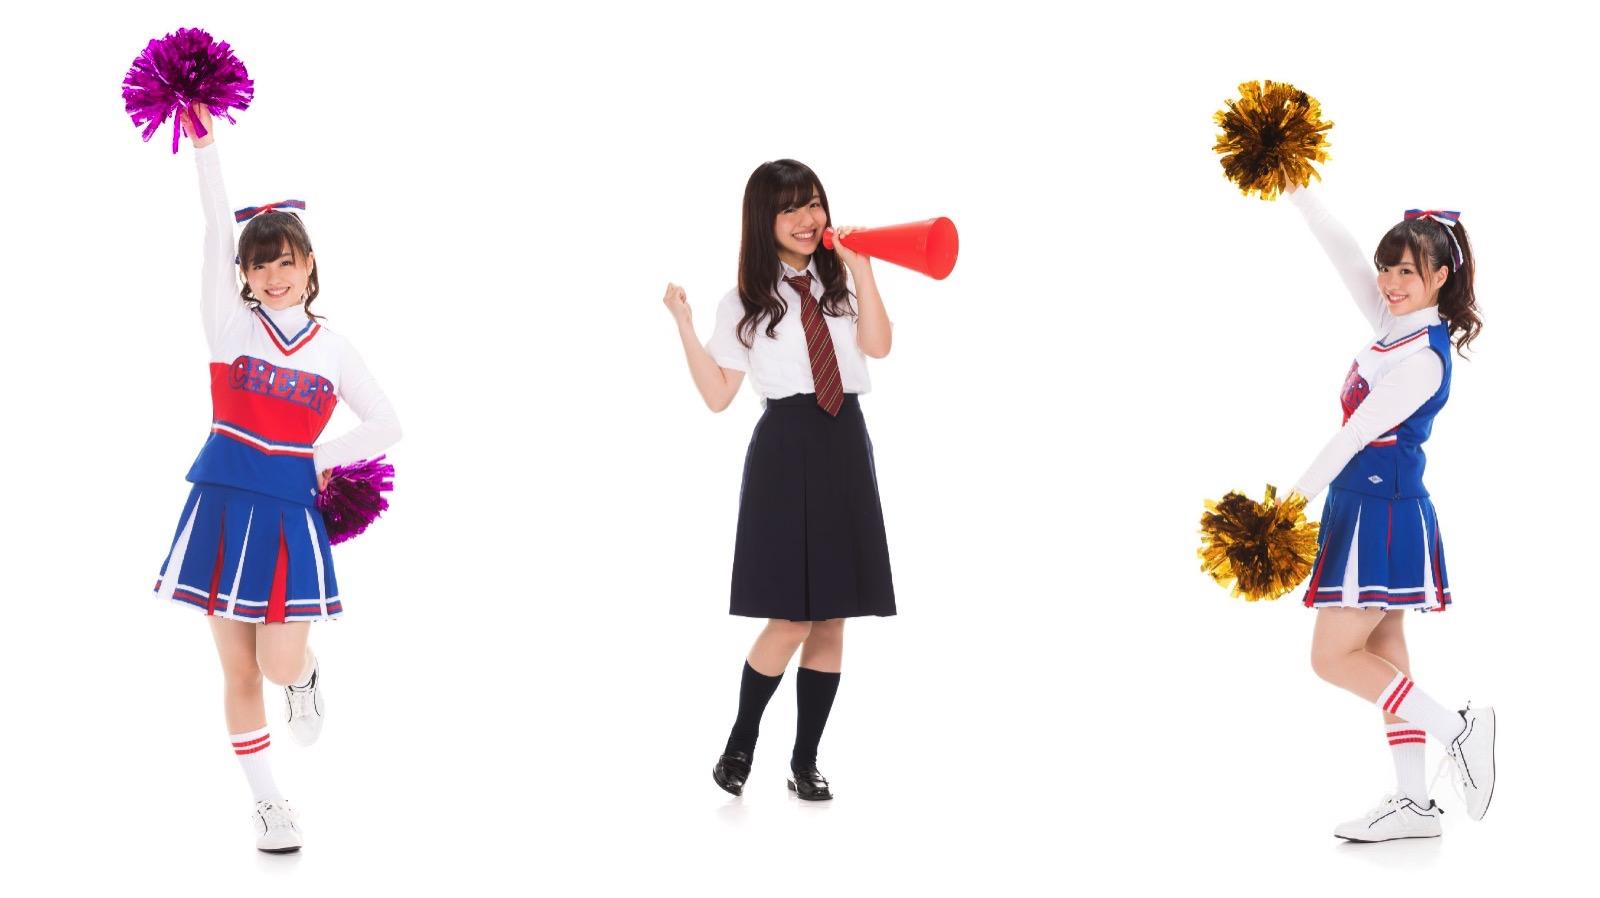 Yuka-Cheerleader-Koshien.jpg